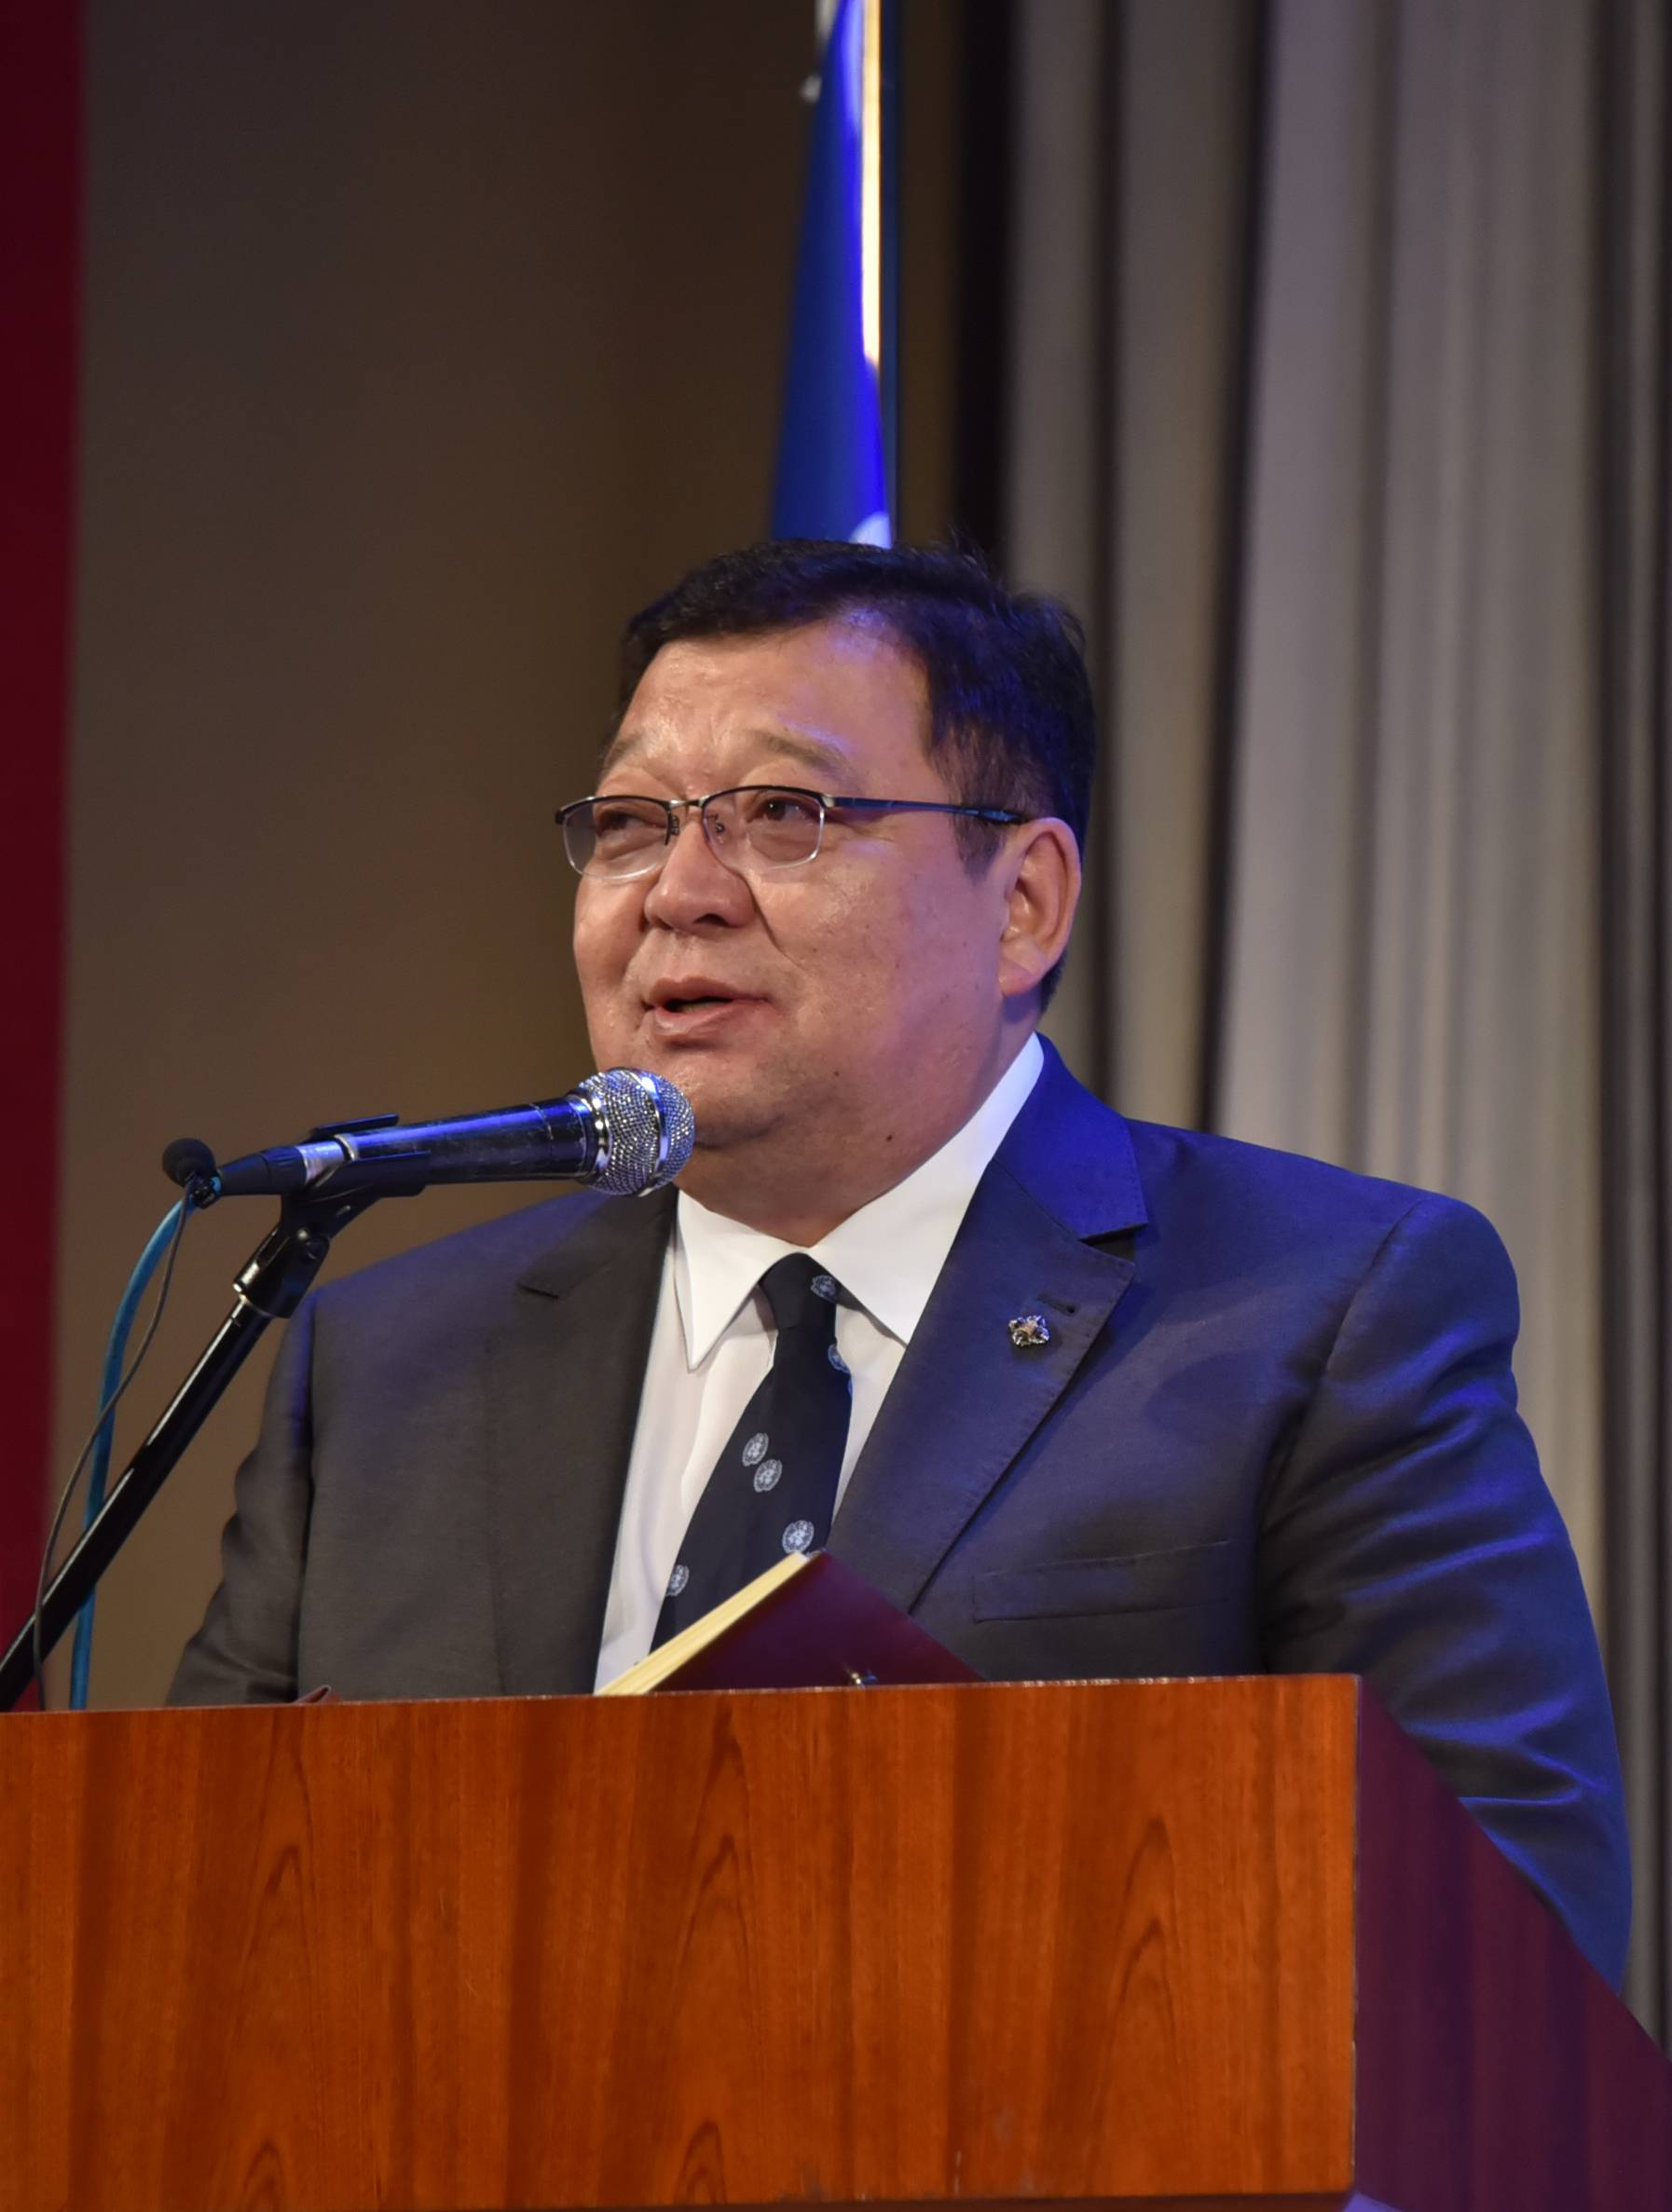 С.Эрдэнэ: Ардчилал бол Монгол улсын иргэн бүрийн үнэт зүйлтэй холбогдож, амьдрах үндэс, арга орчин нь болсон